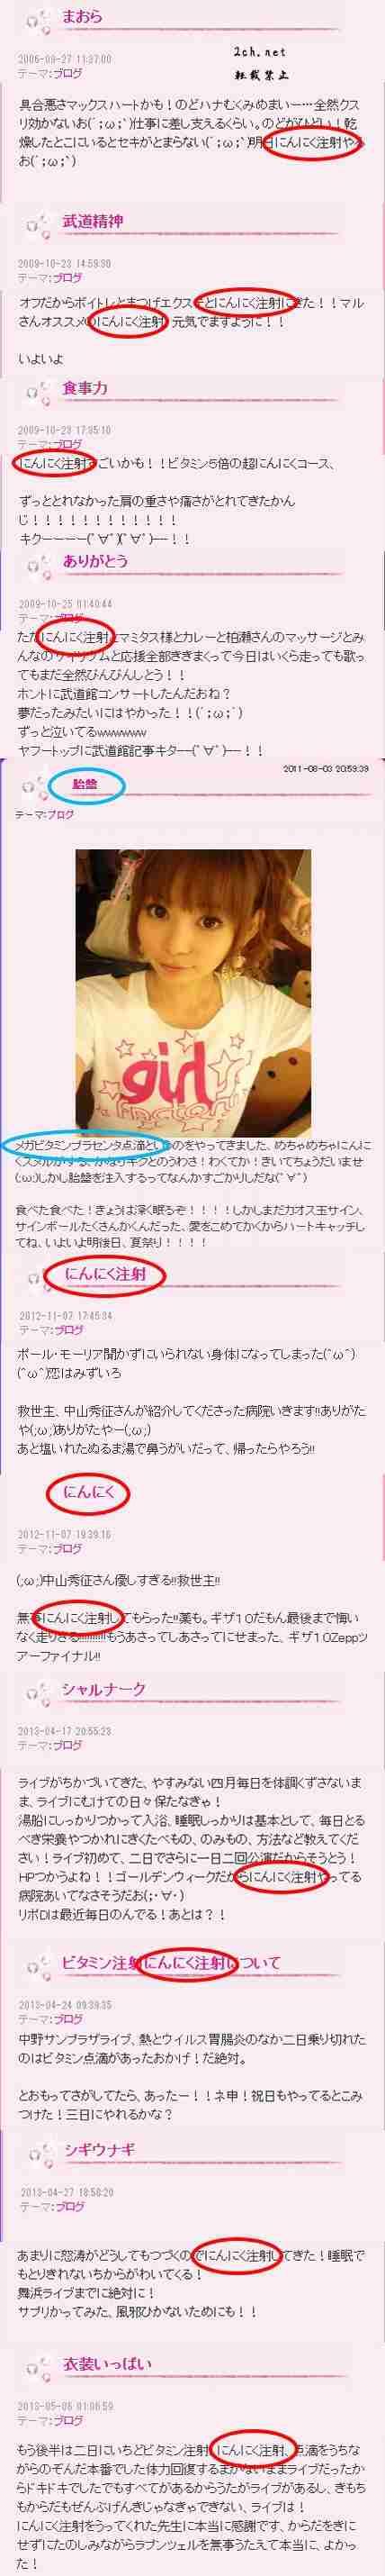 日本赤十字「中川翔子さんはニンニク注射をプラセンタと勘違いしていただけ」